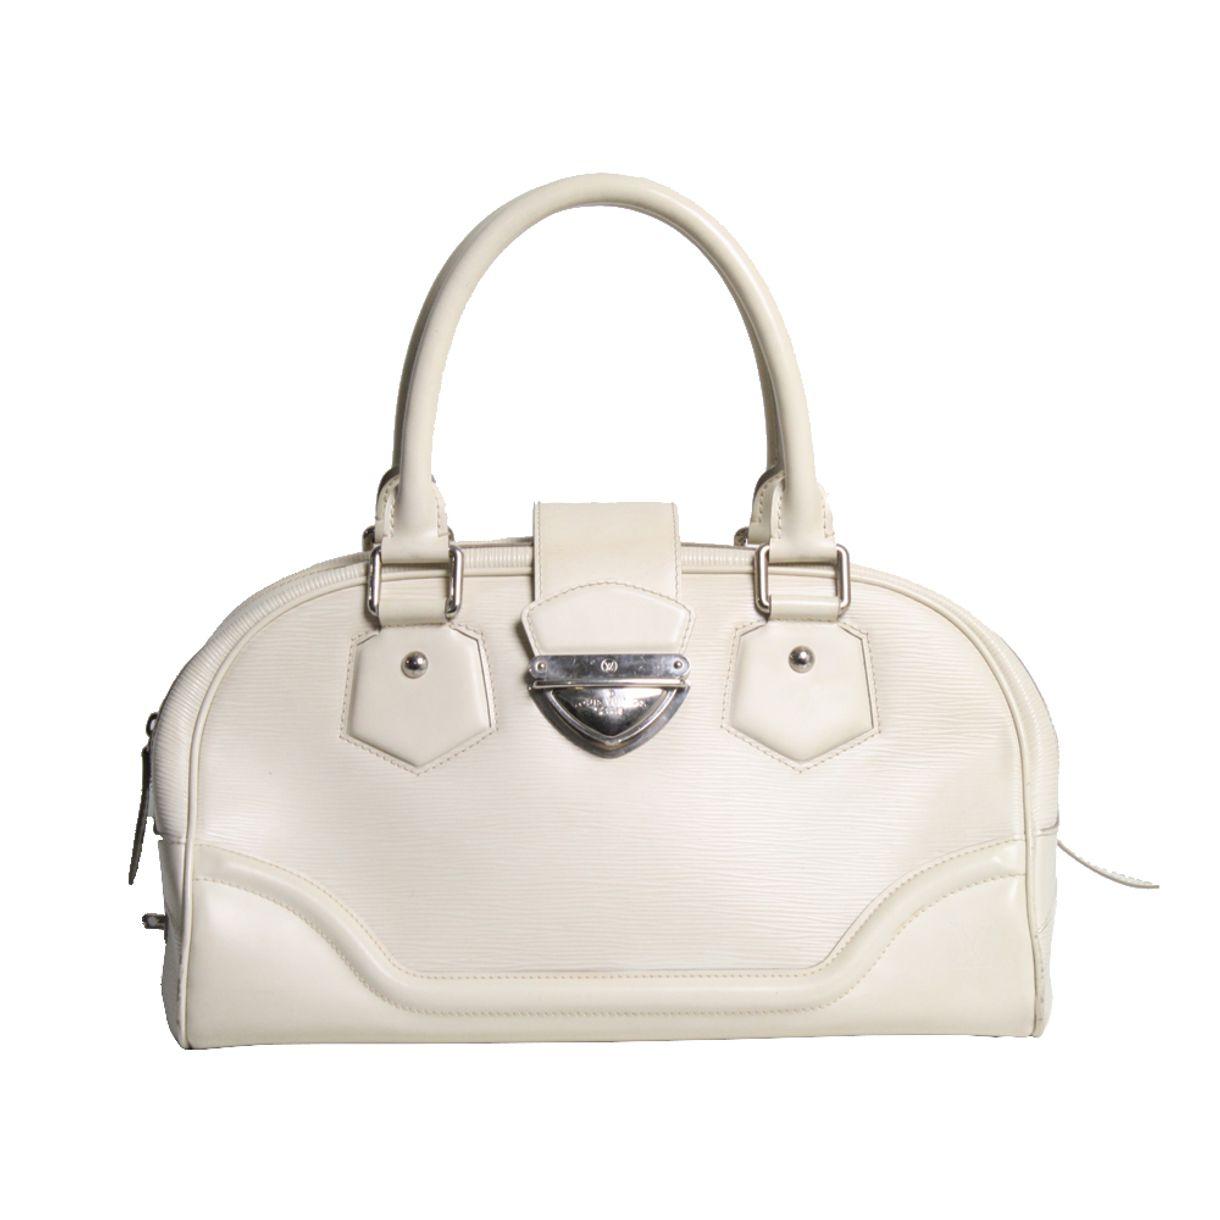 Bolsa-Louis-Vuitton-Epi-Off-White